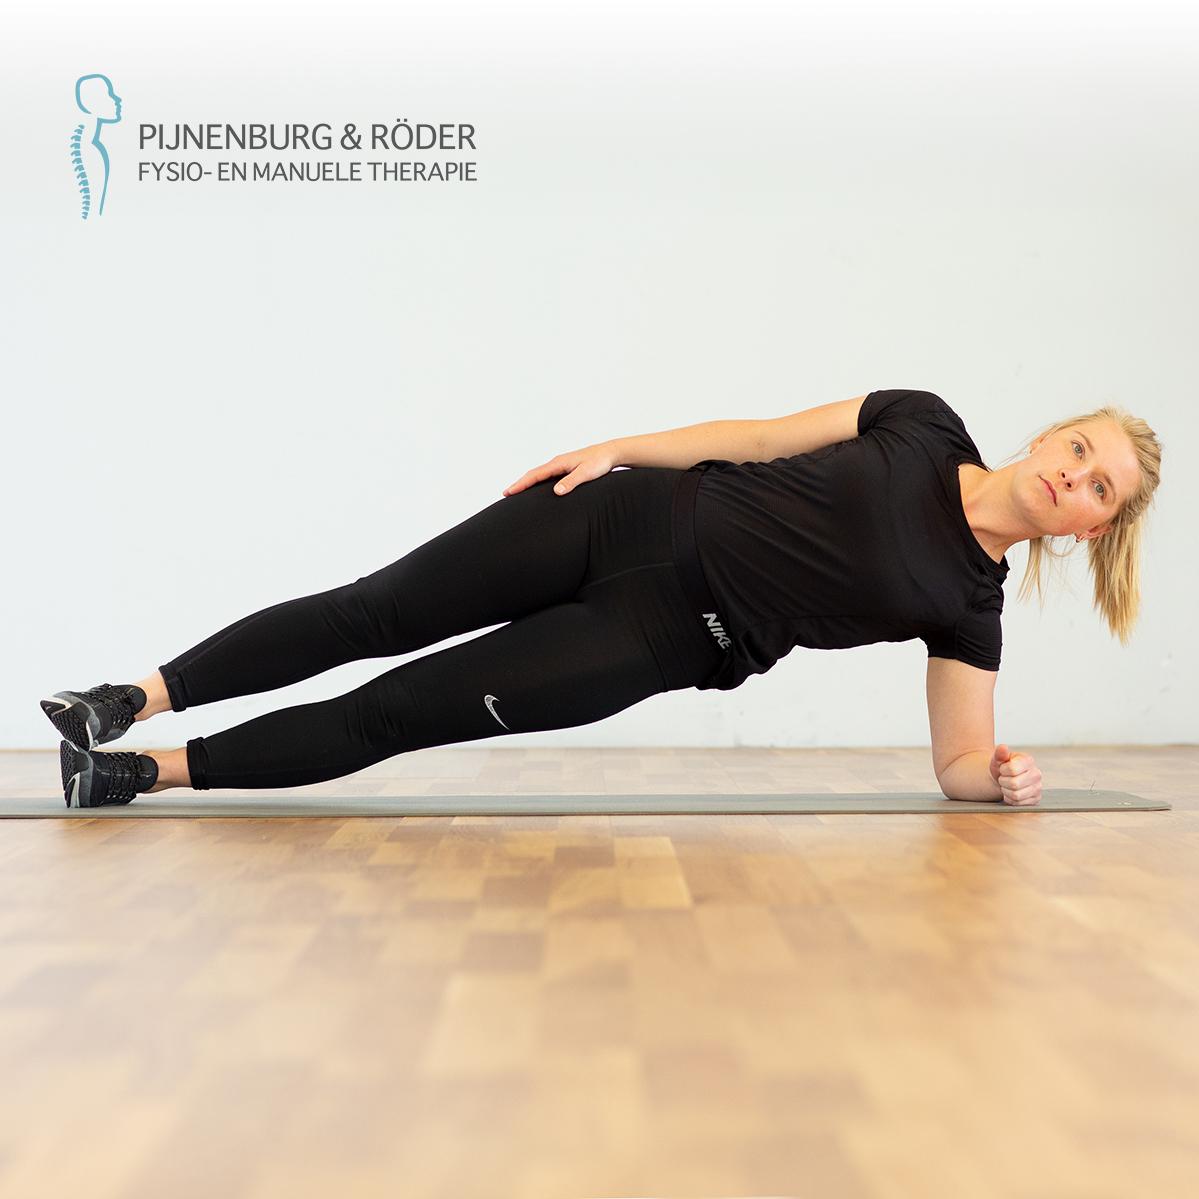 lage rug stabiliteit zijwaartse plank side plank